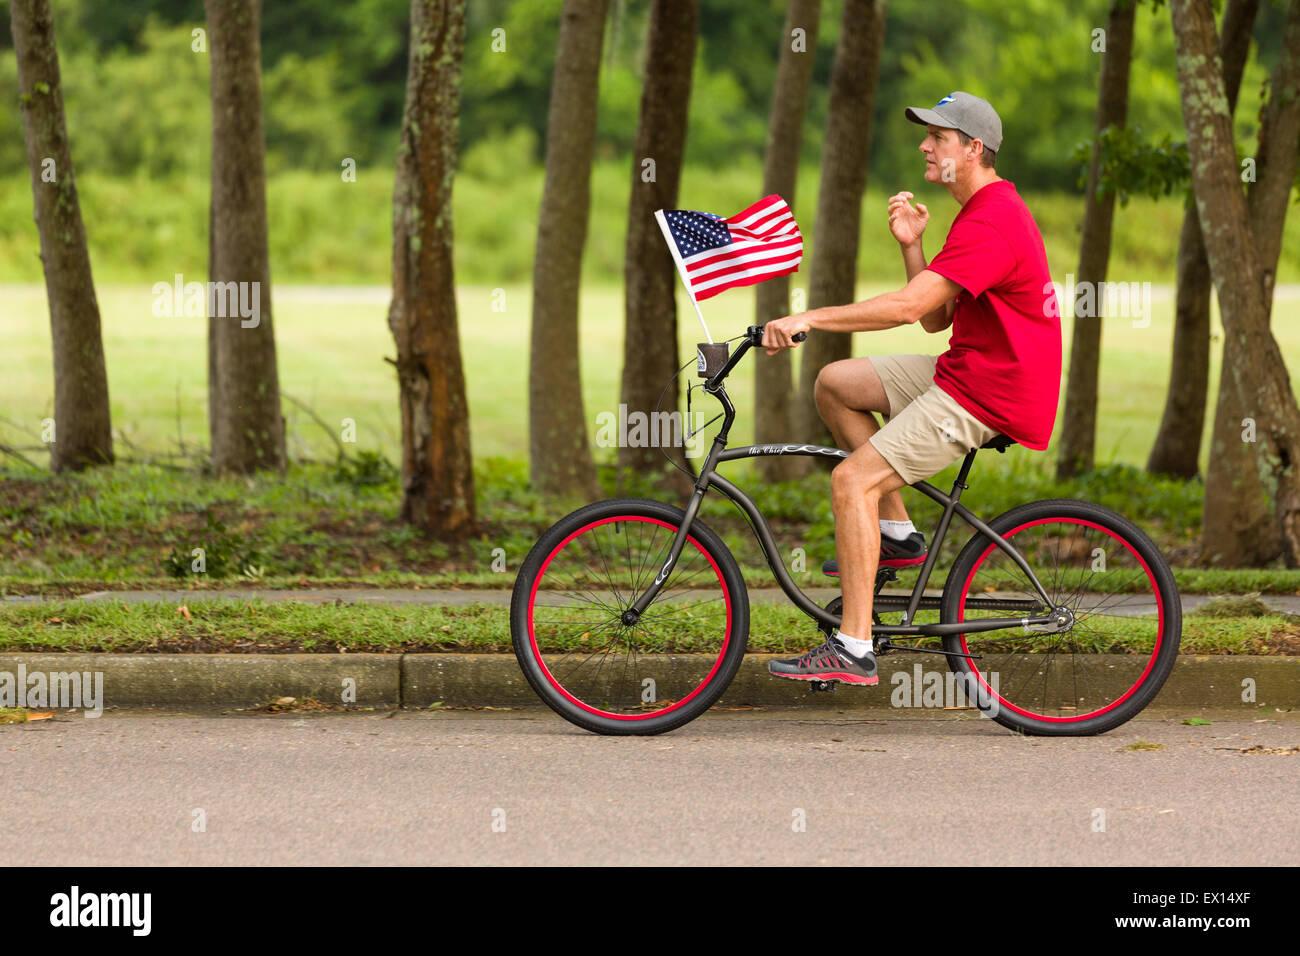 Un cycliste rides passé avec le drapeau américain au cours de l'île de Daniel ndependence Day Photo Stock